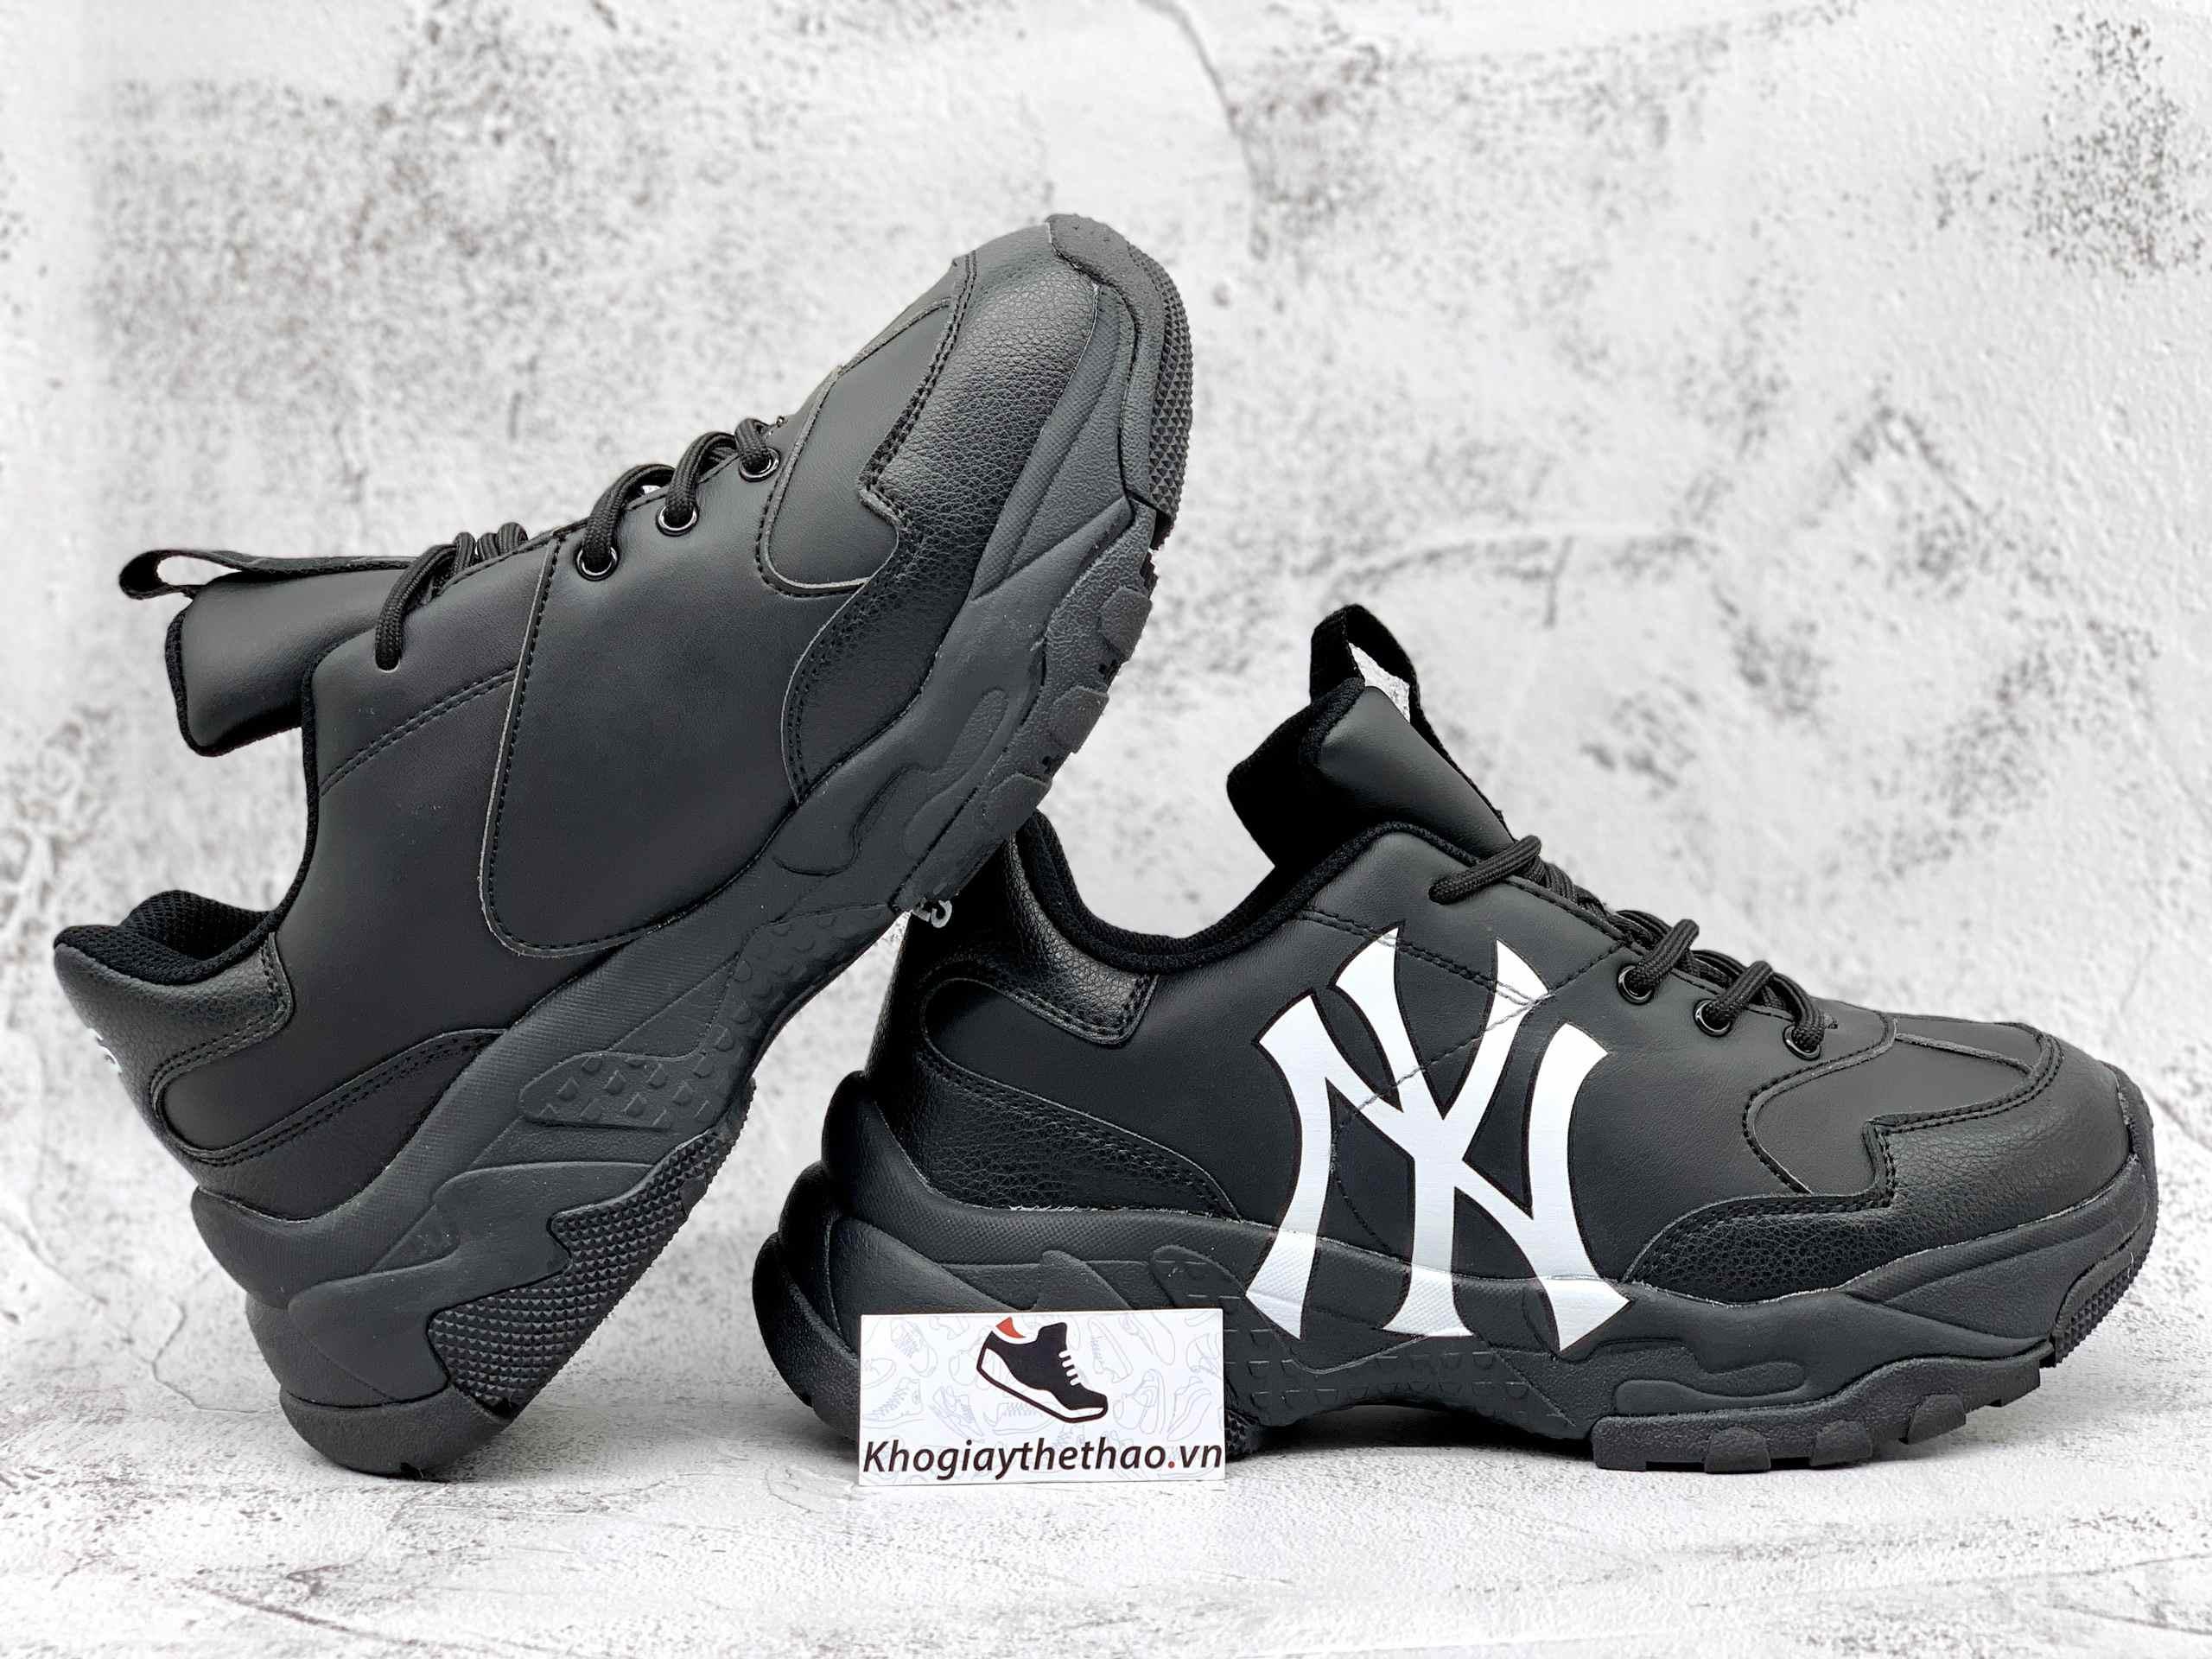 giày mlb korea ny đen